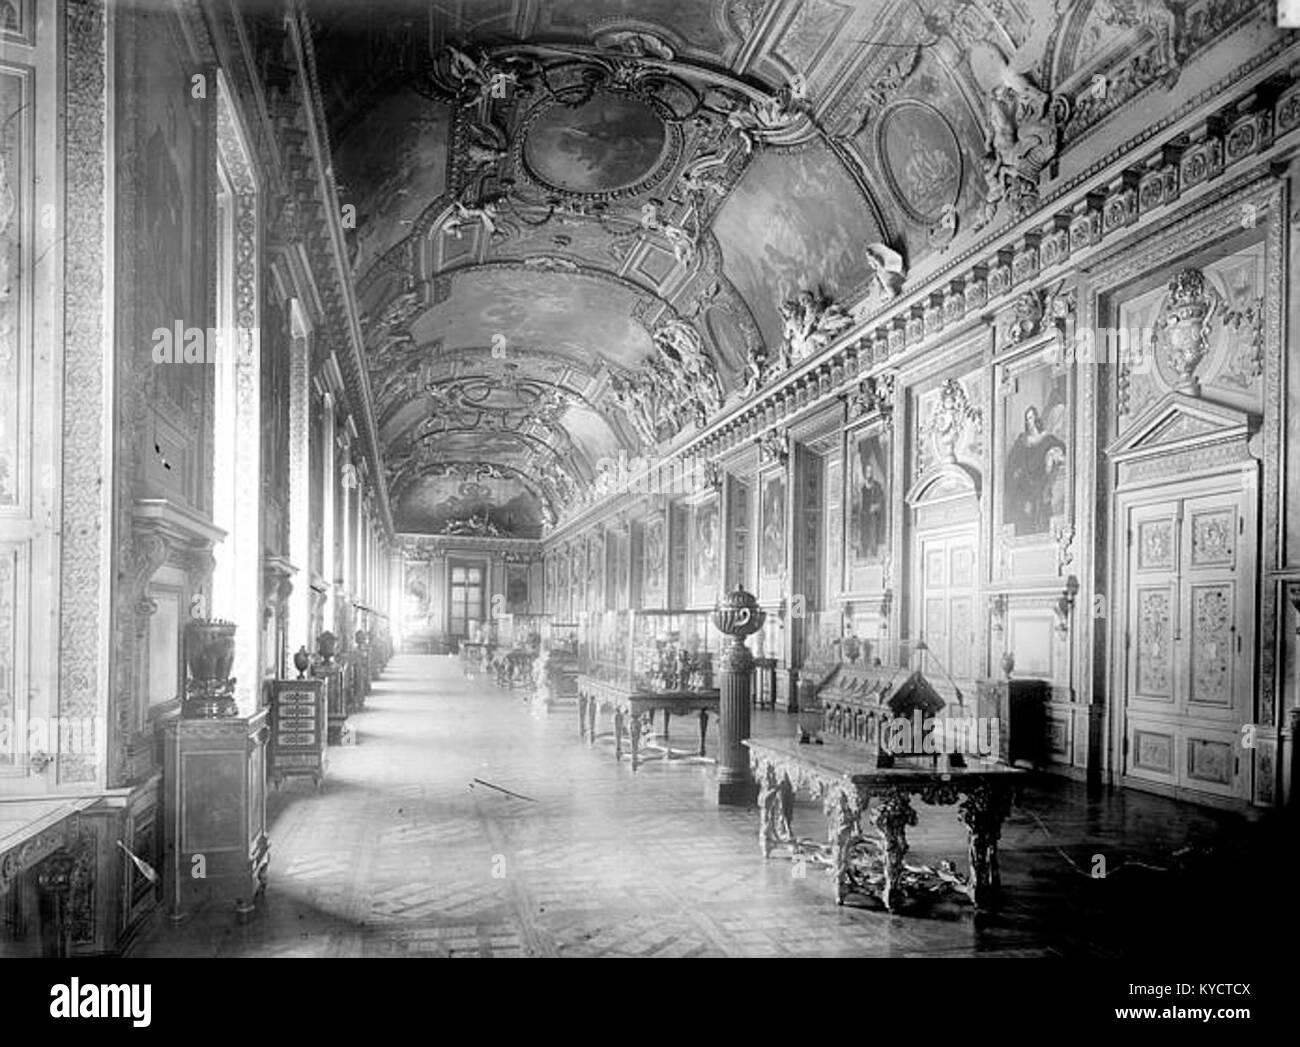 Palais du Louvre - Galerie d'Apollon, Vue d'ensemble - Paris 01 - Médiathèque de l'architecture - Stock Image